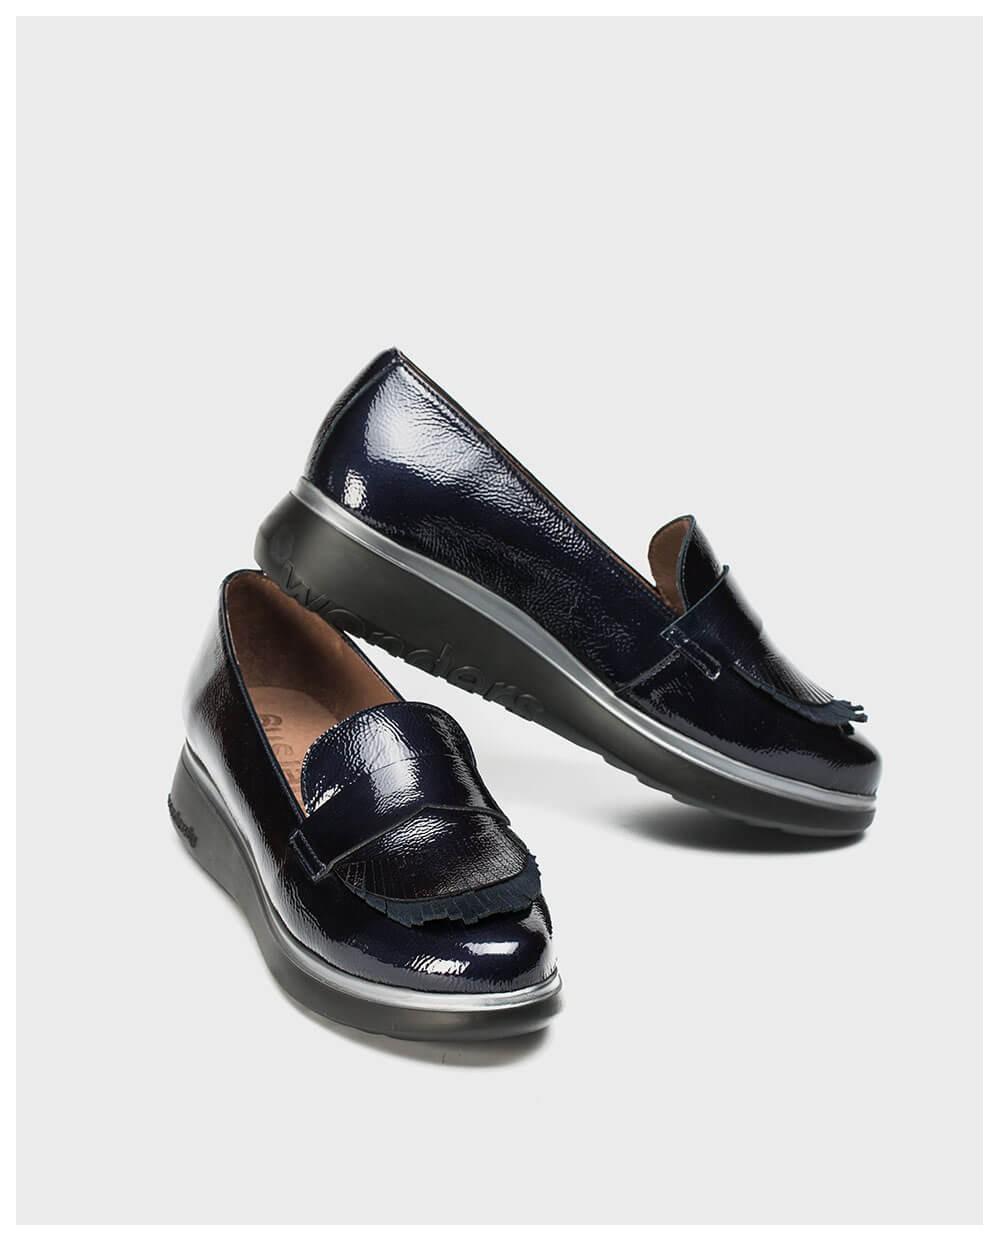 Wonders-Zapatos planos-Mocasín charol flecos